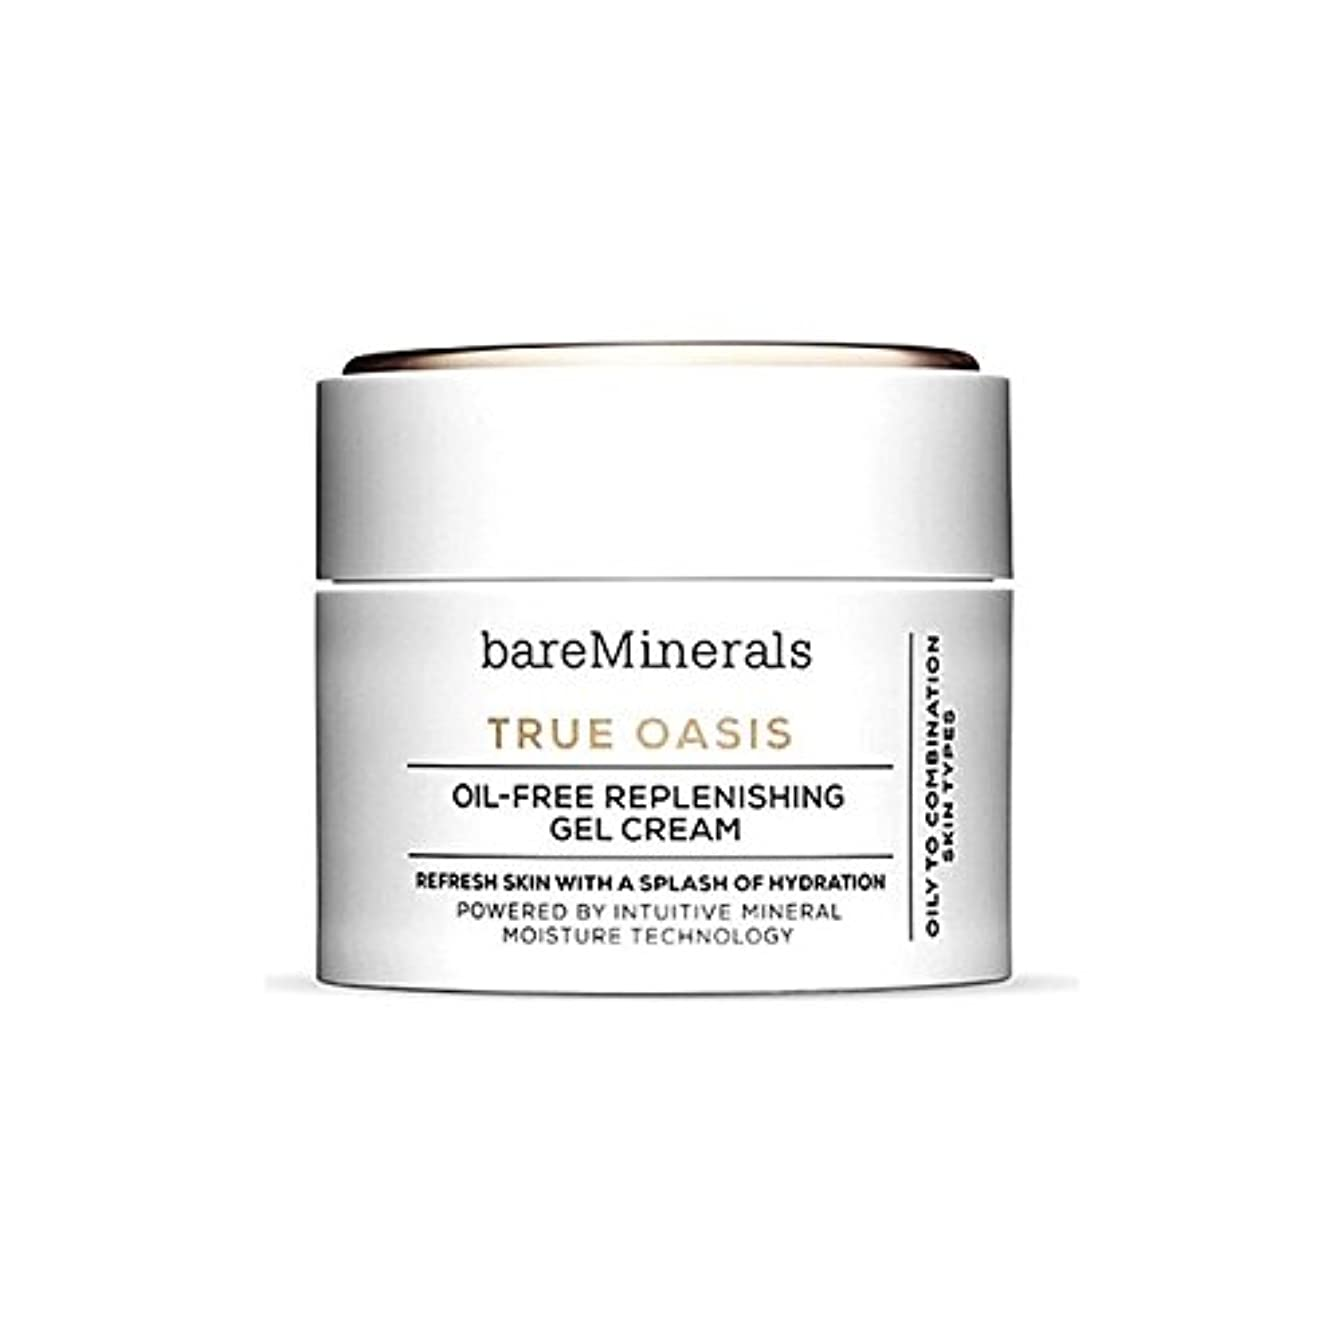 沼地スチュワード懐ベアミネラル真のオアシスオイルフリー補給ゲルクリーム50 x2 - Bare Minerals True Oasis Oil-Free Replenishing Gel Cream 50Ml (Pack of 2) [並行輸入品]